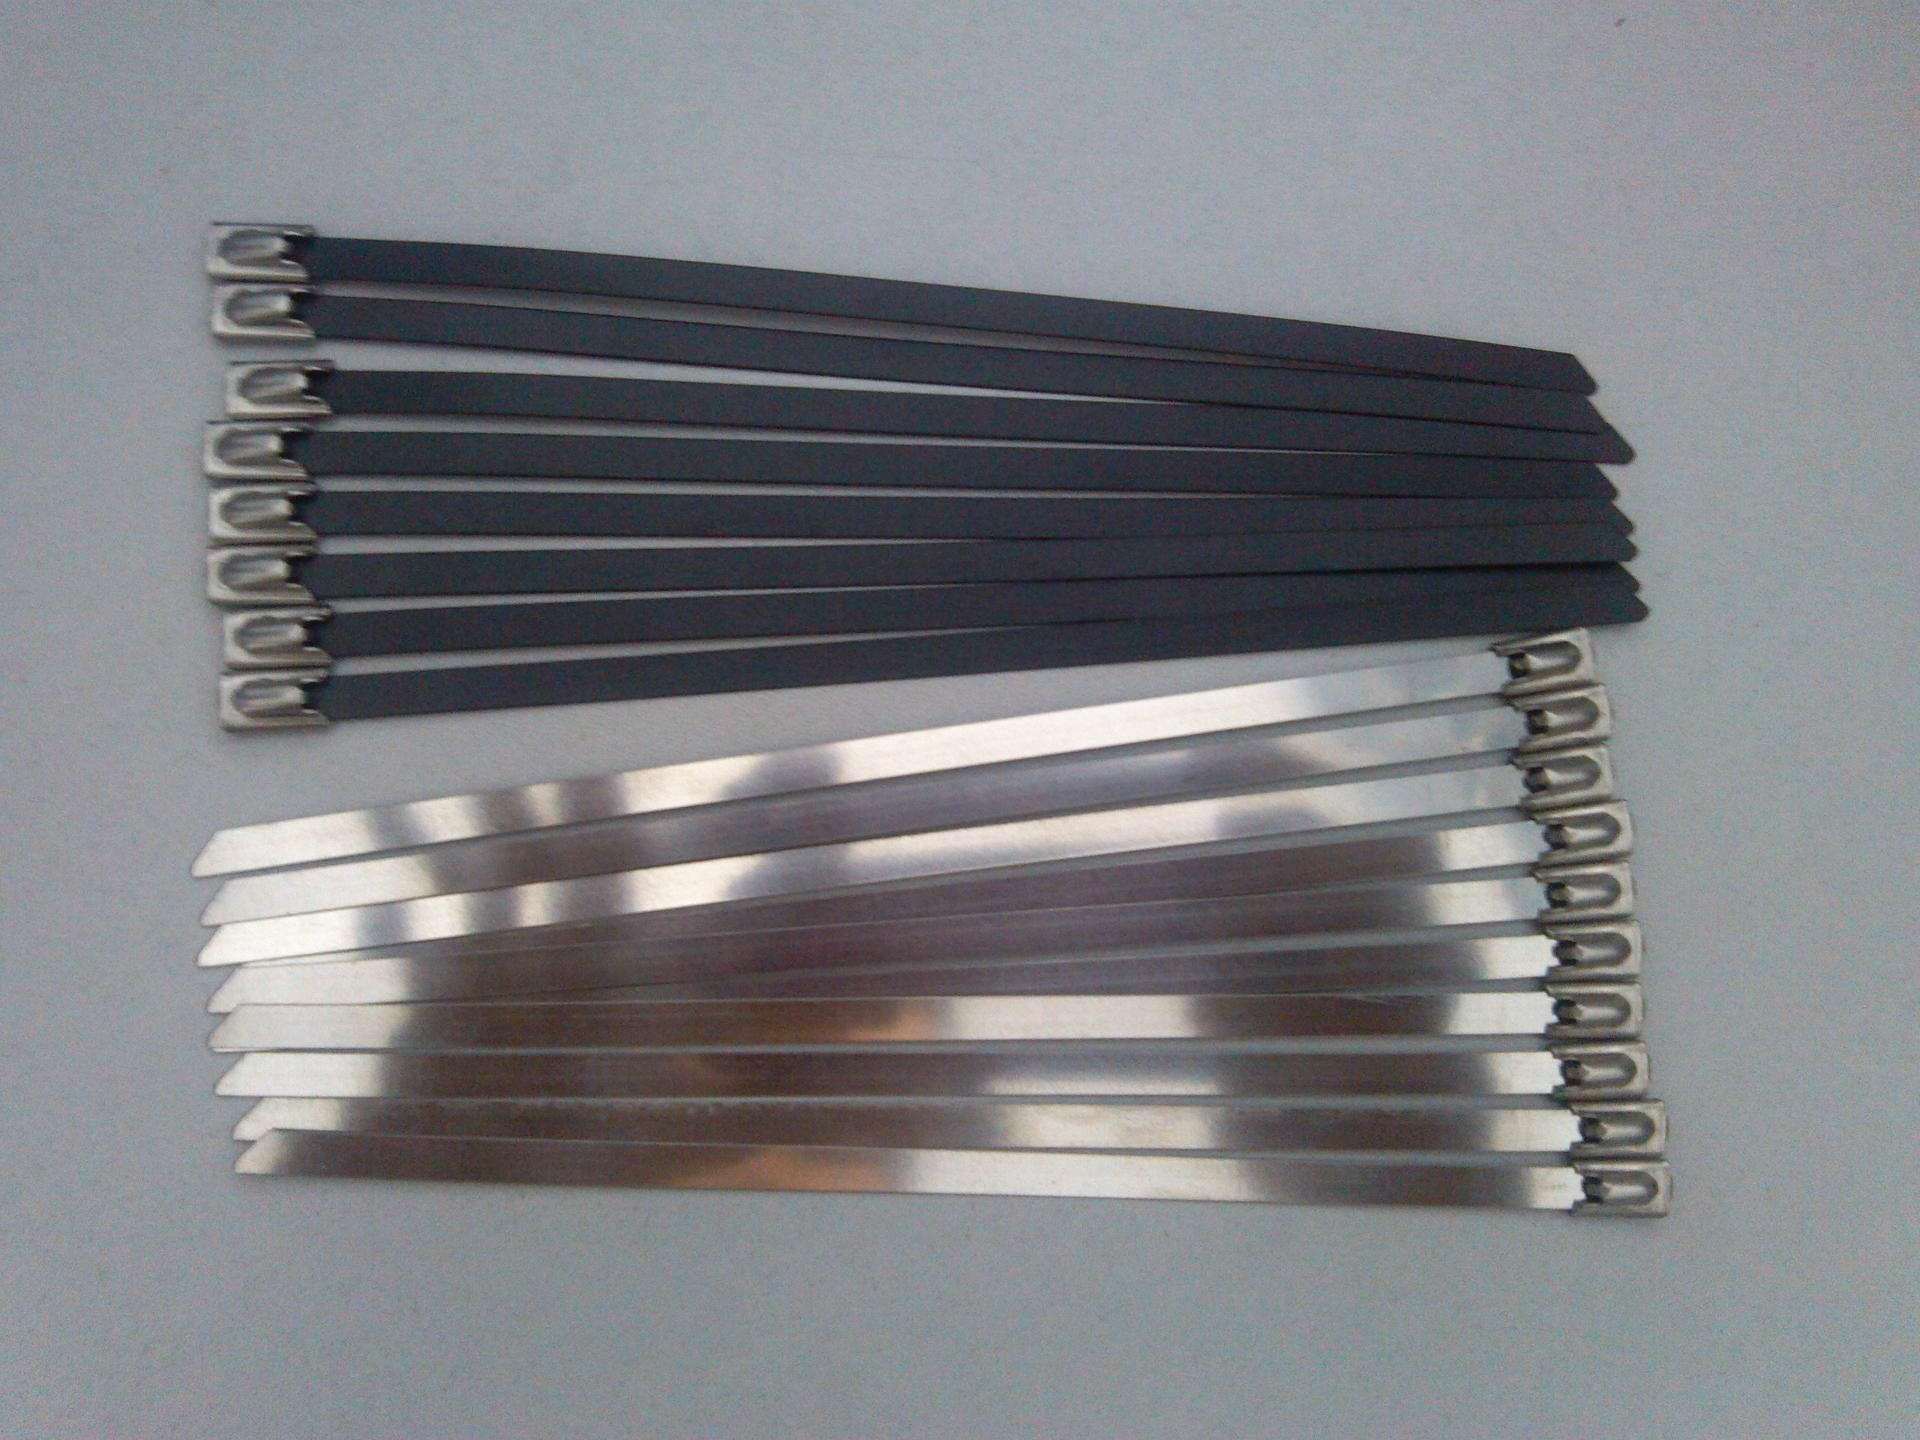 供应不锈钢扎带,无锡不锈钢扎带价格,不锈钢扎带供应商,不锈钢扎带厂家直销